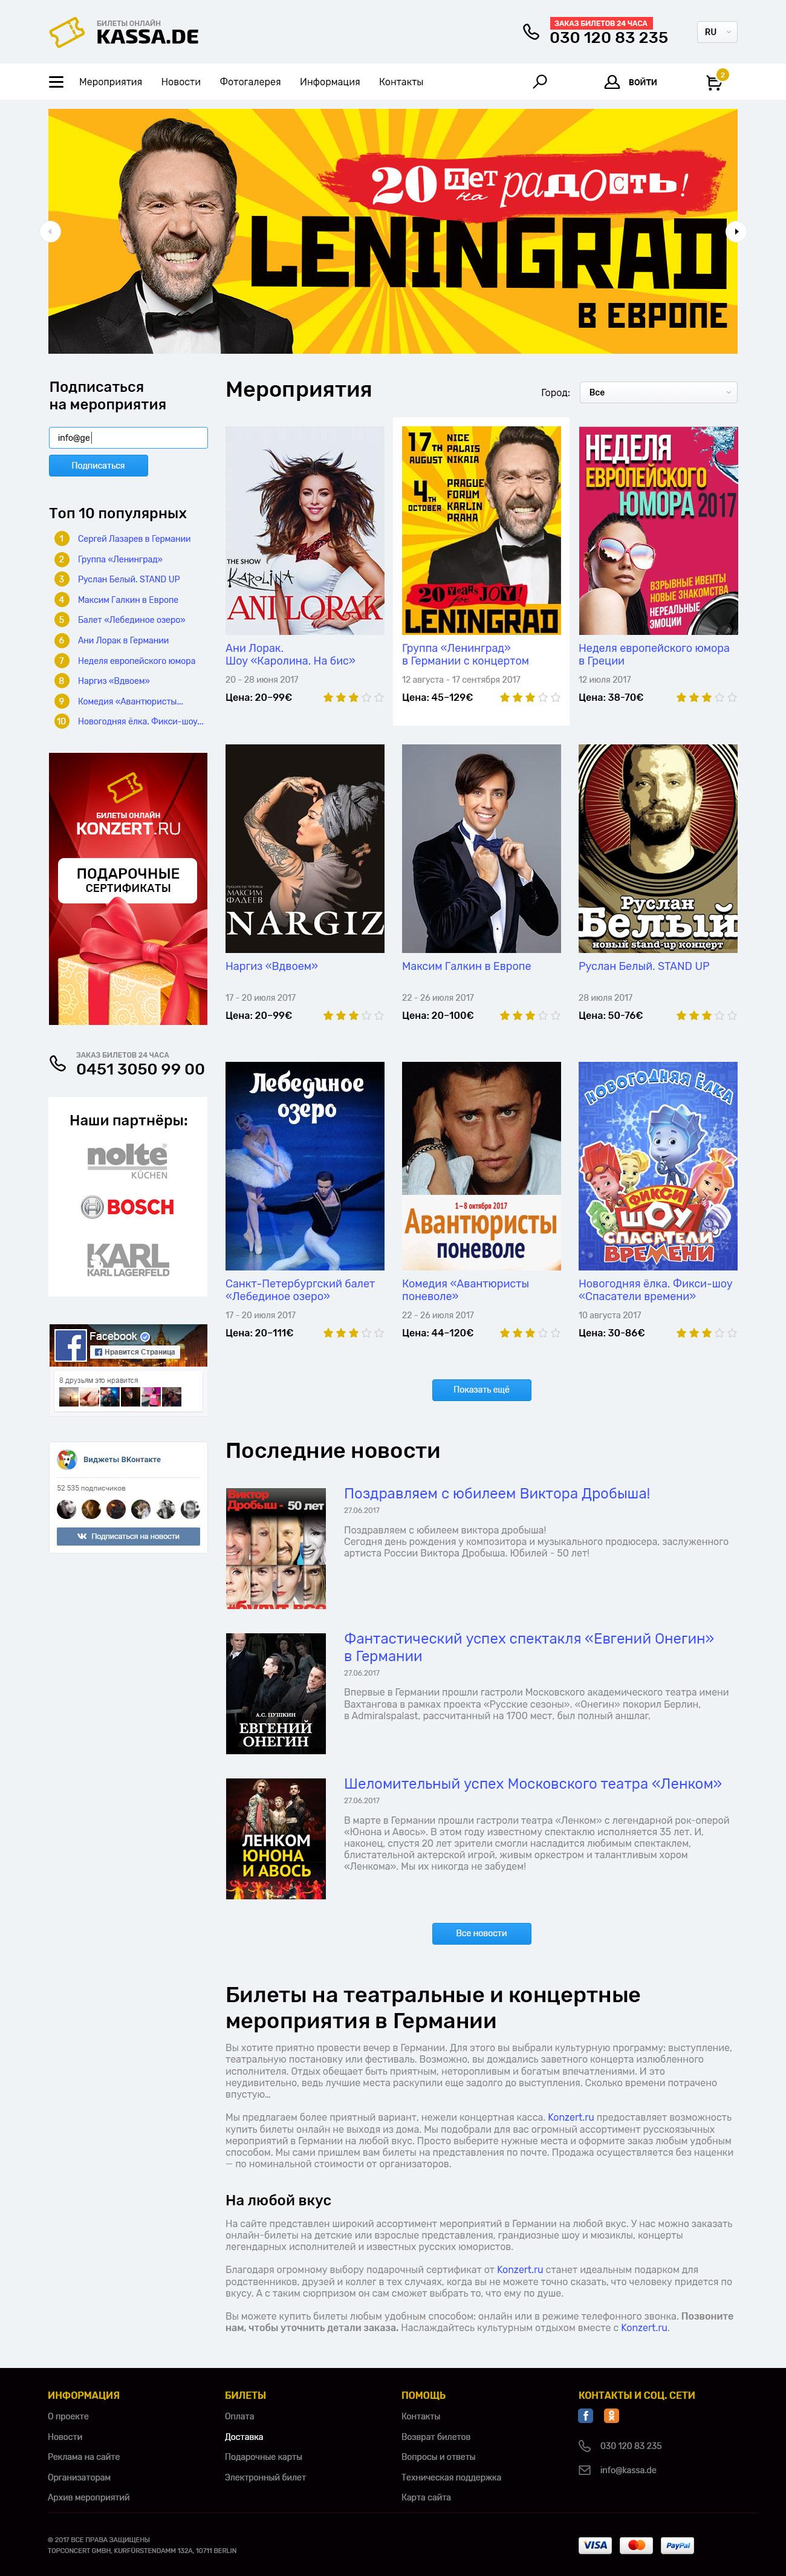 Дизайн, проектирование, UX/UI немецкого сайта продажи билетов